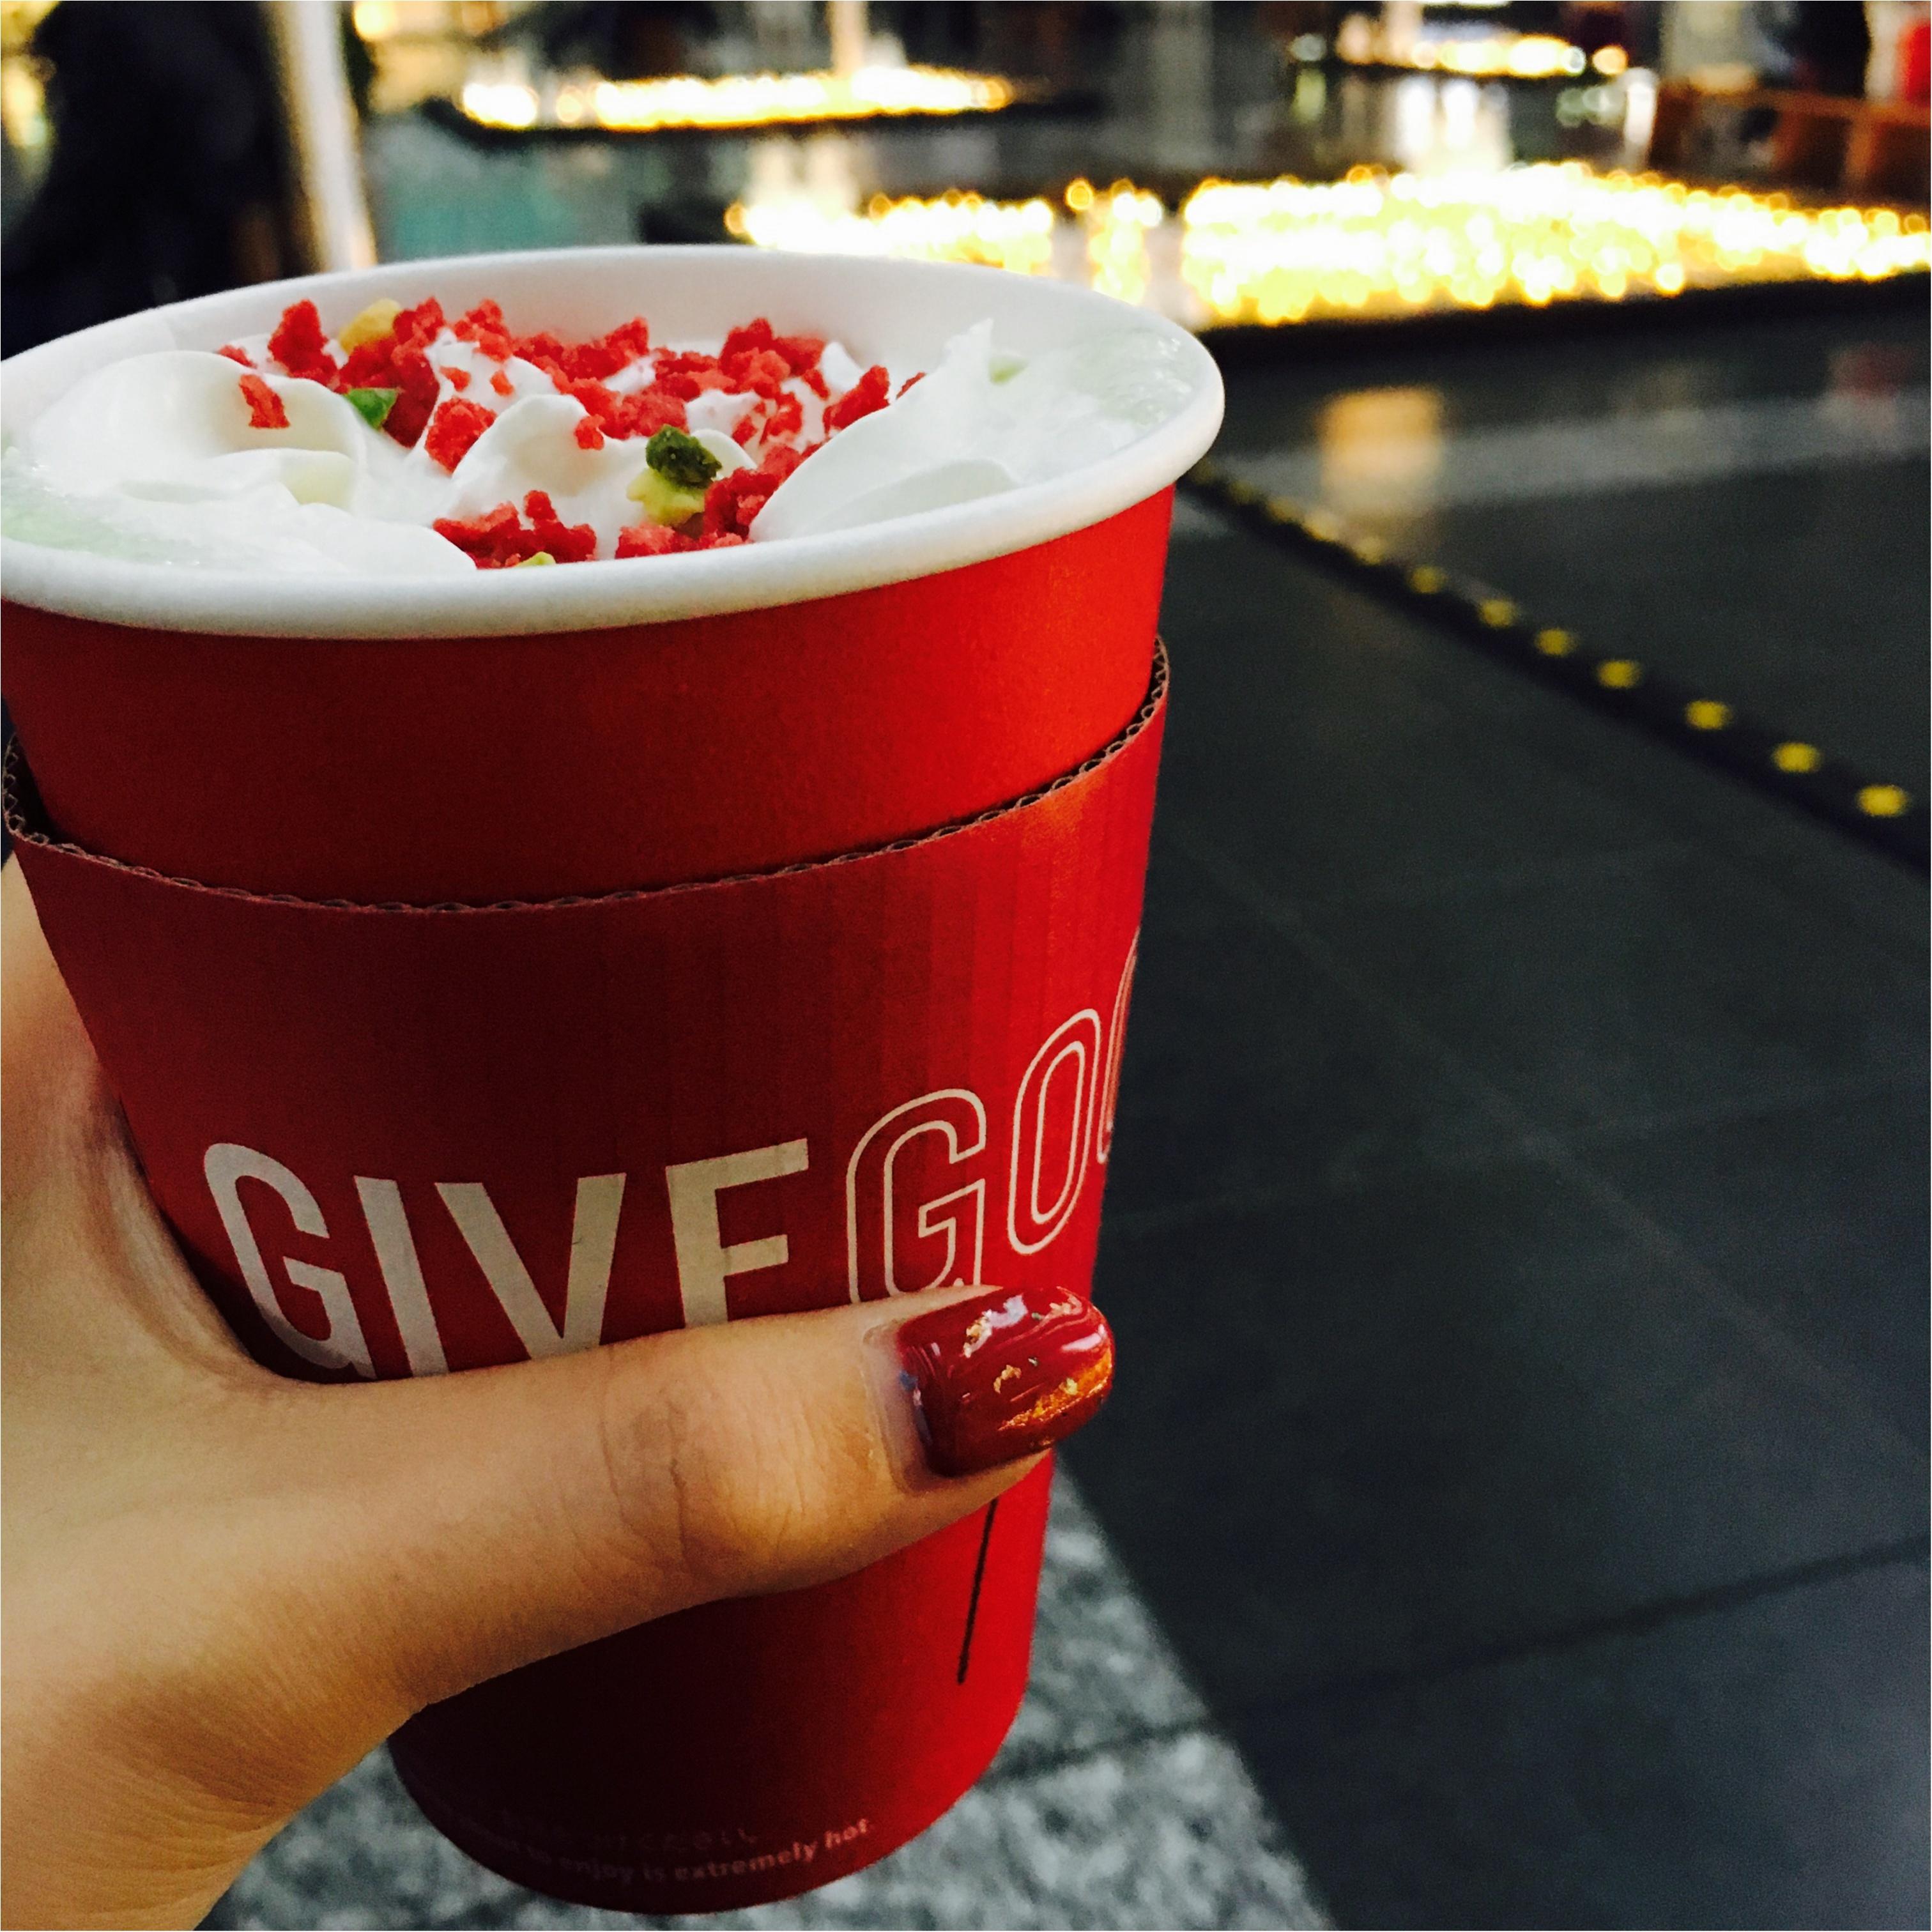 【スタバ】の新作≪キャンディピスタチオ≫がクリスマスカラーでかわいすぎる!!_1